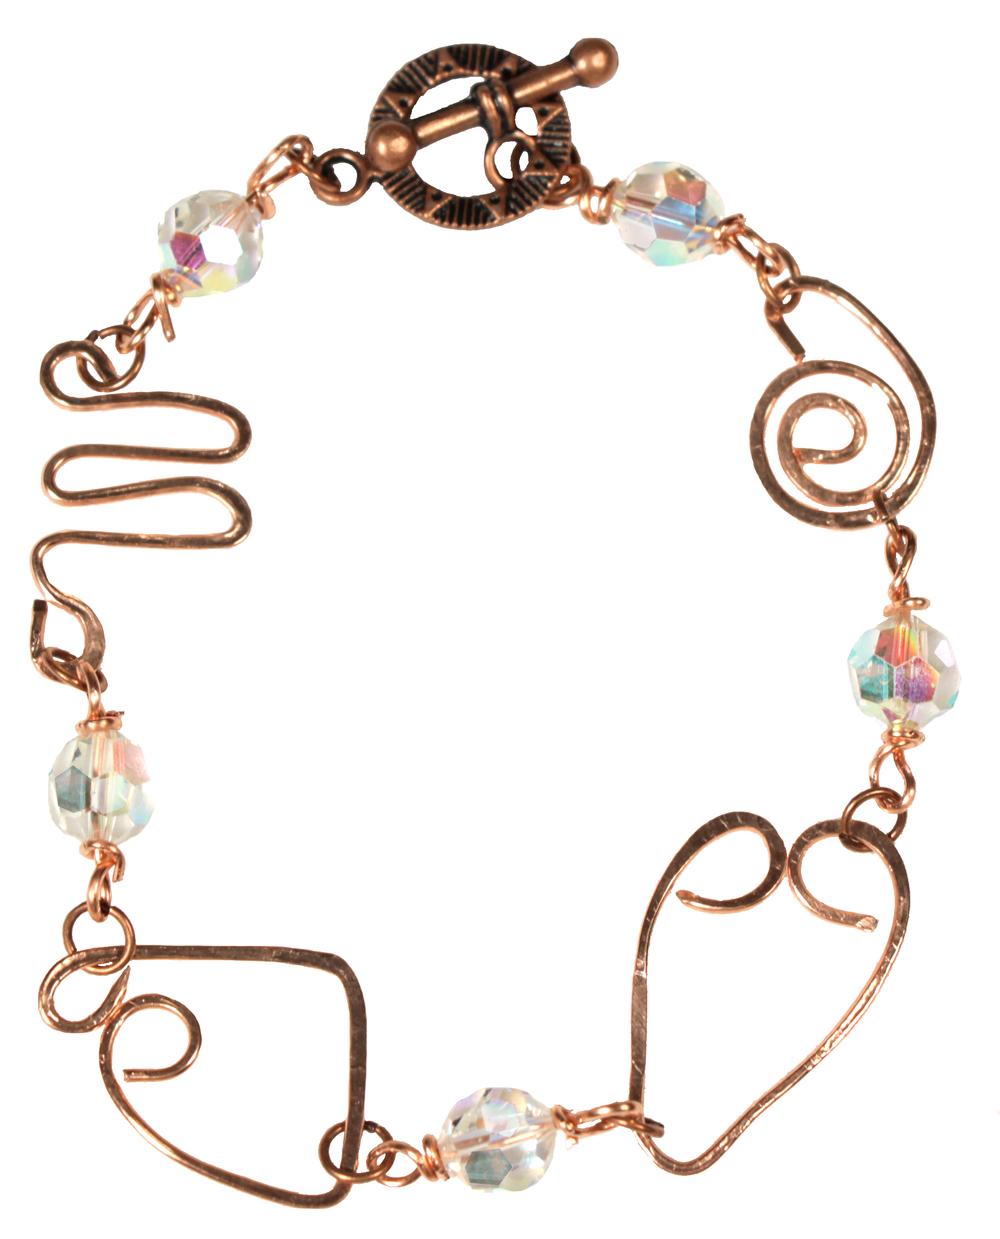 Crazy Wire Wrapped Bracelet Tutorial